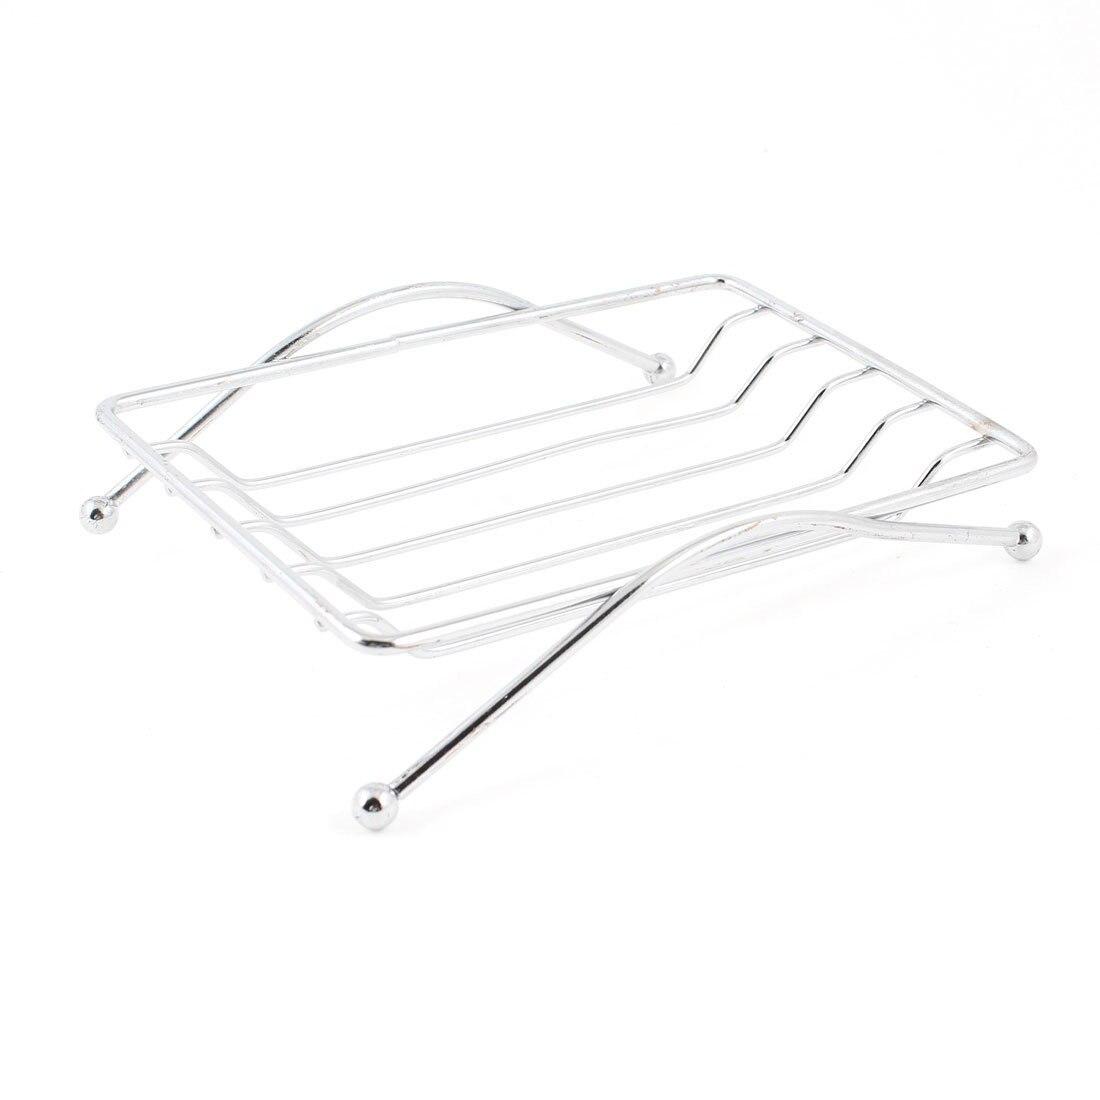 Bathroom Shower Soap Holder Stainless Steel Rack Tray Strainer 4.3